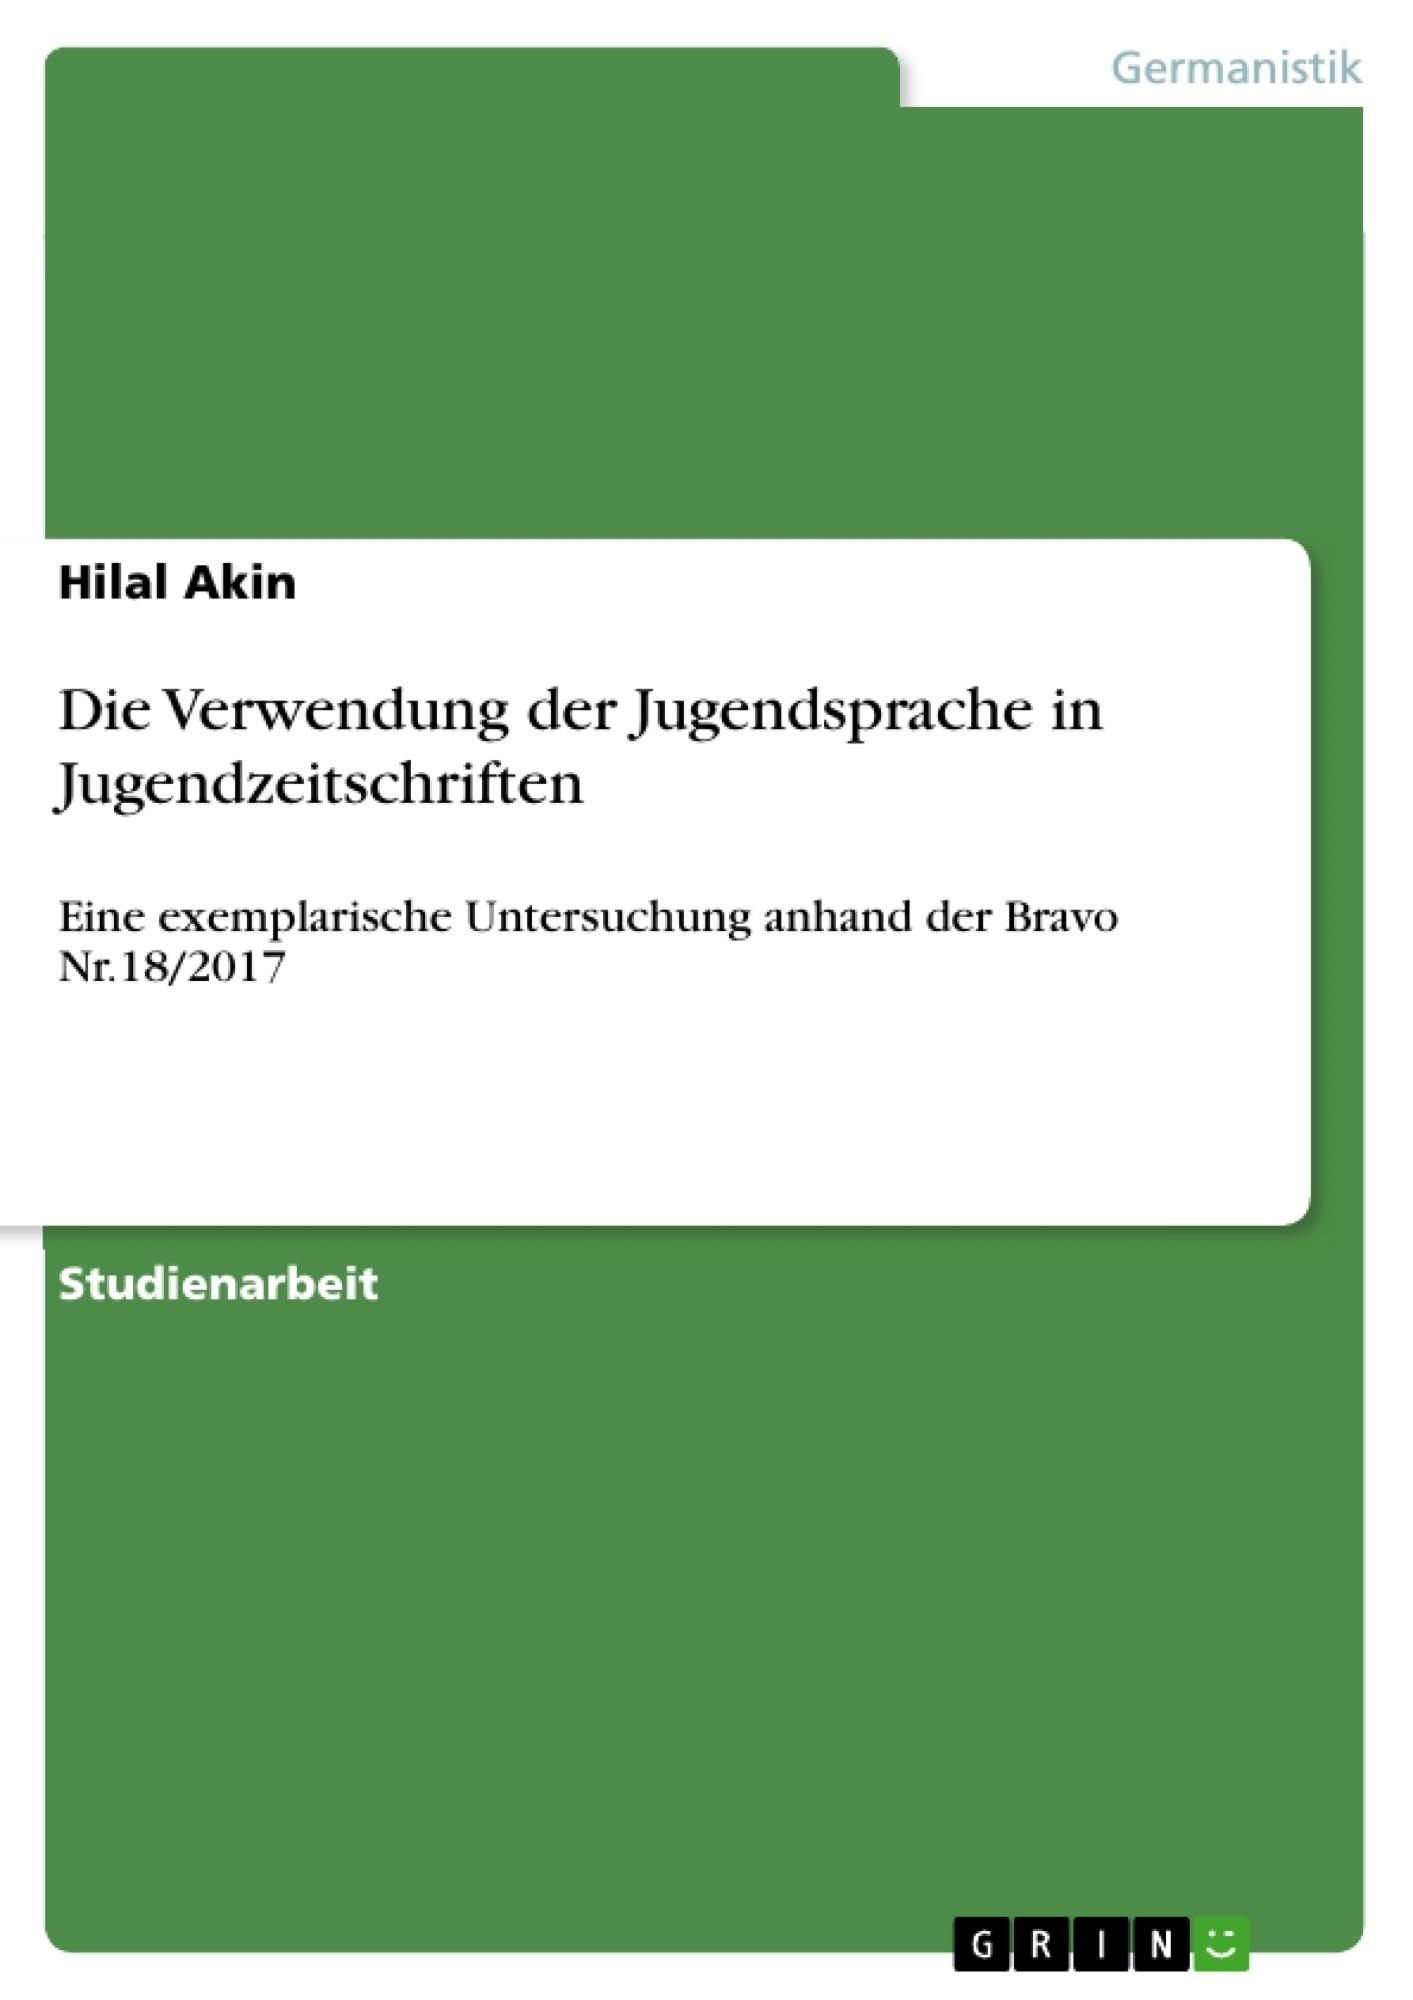 Titel: Die Verwendung der Jugendsprache in Jugendzeitschriften